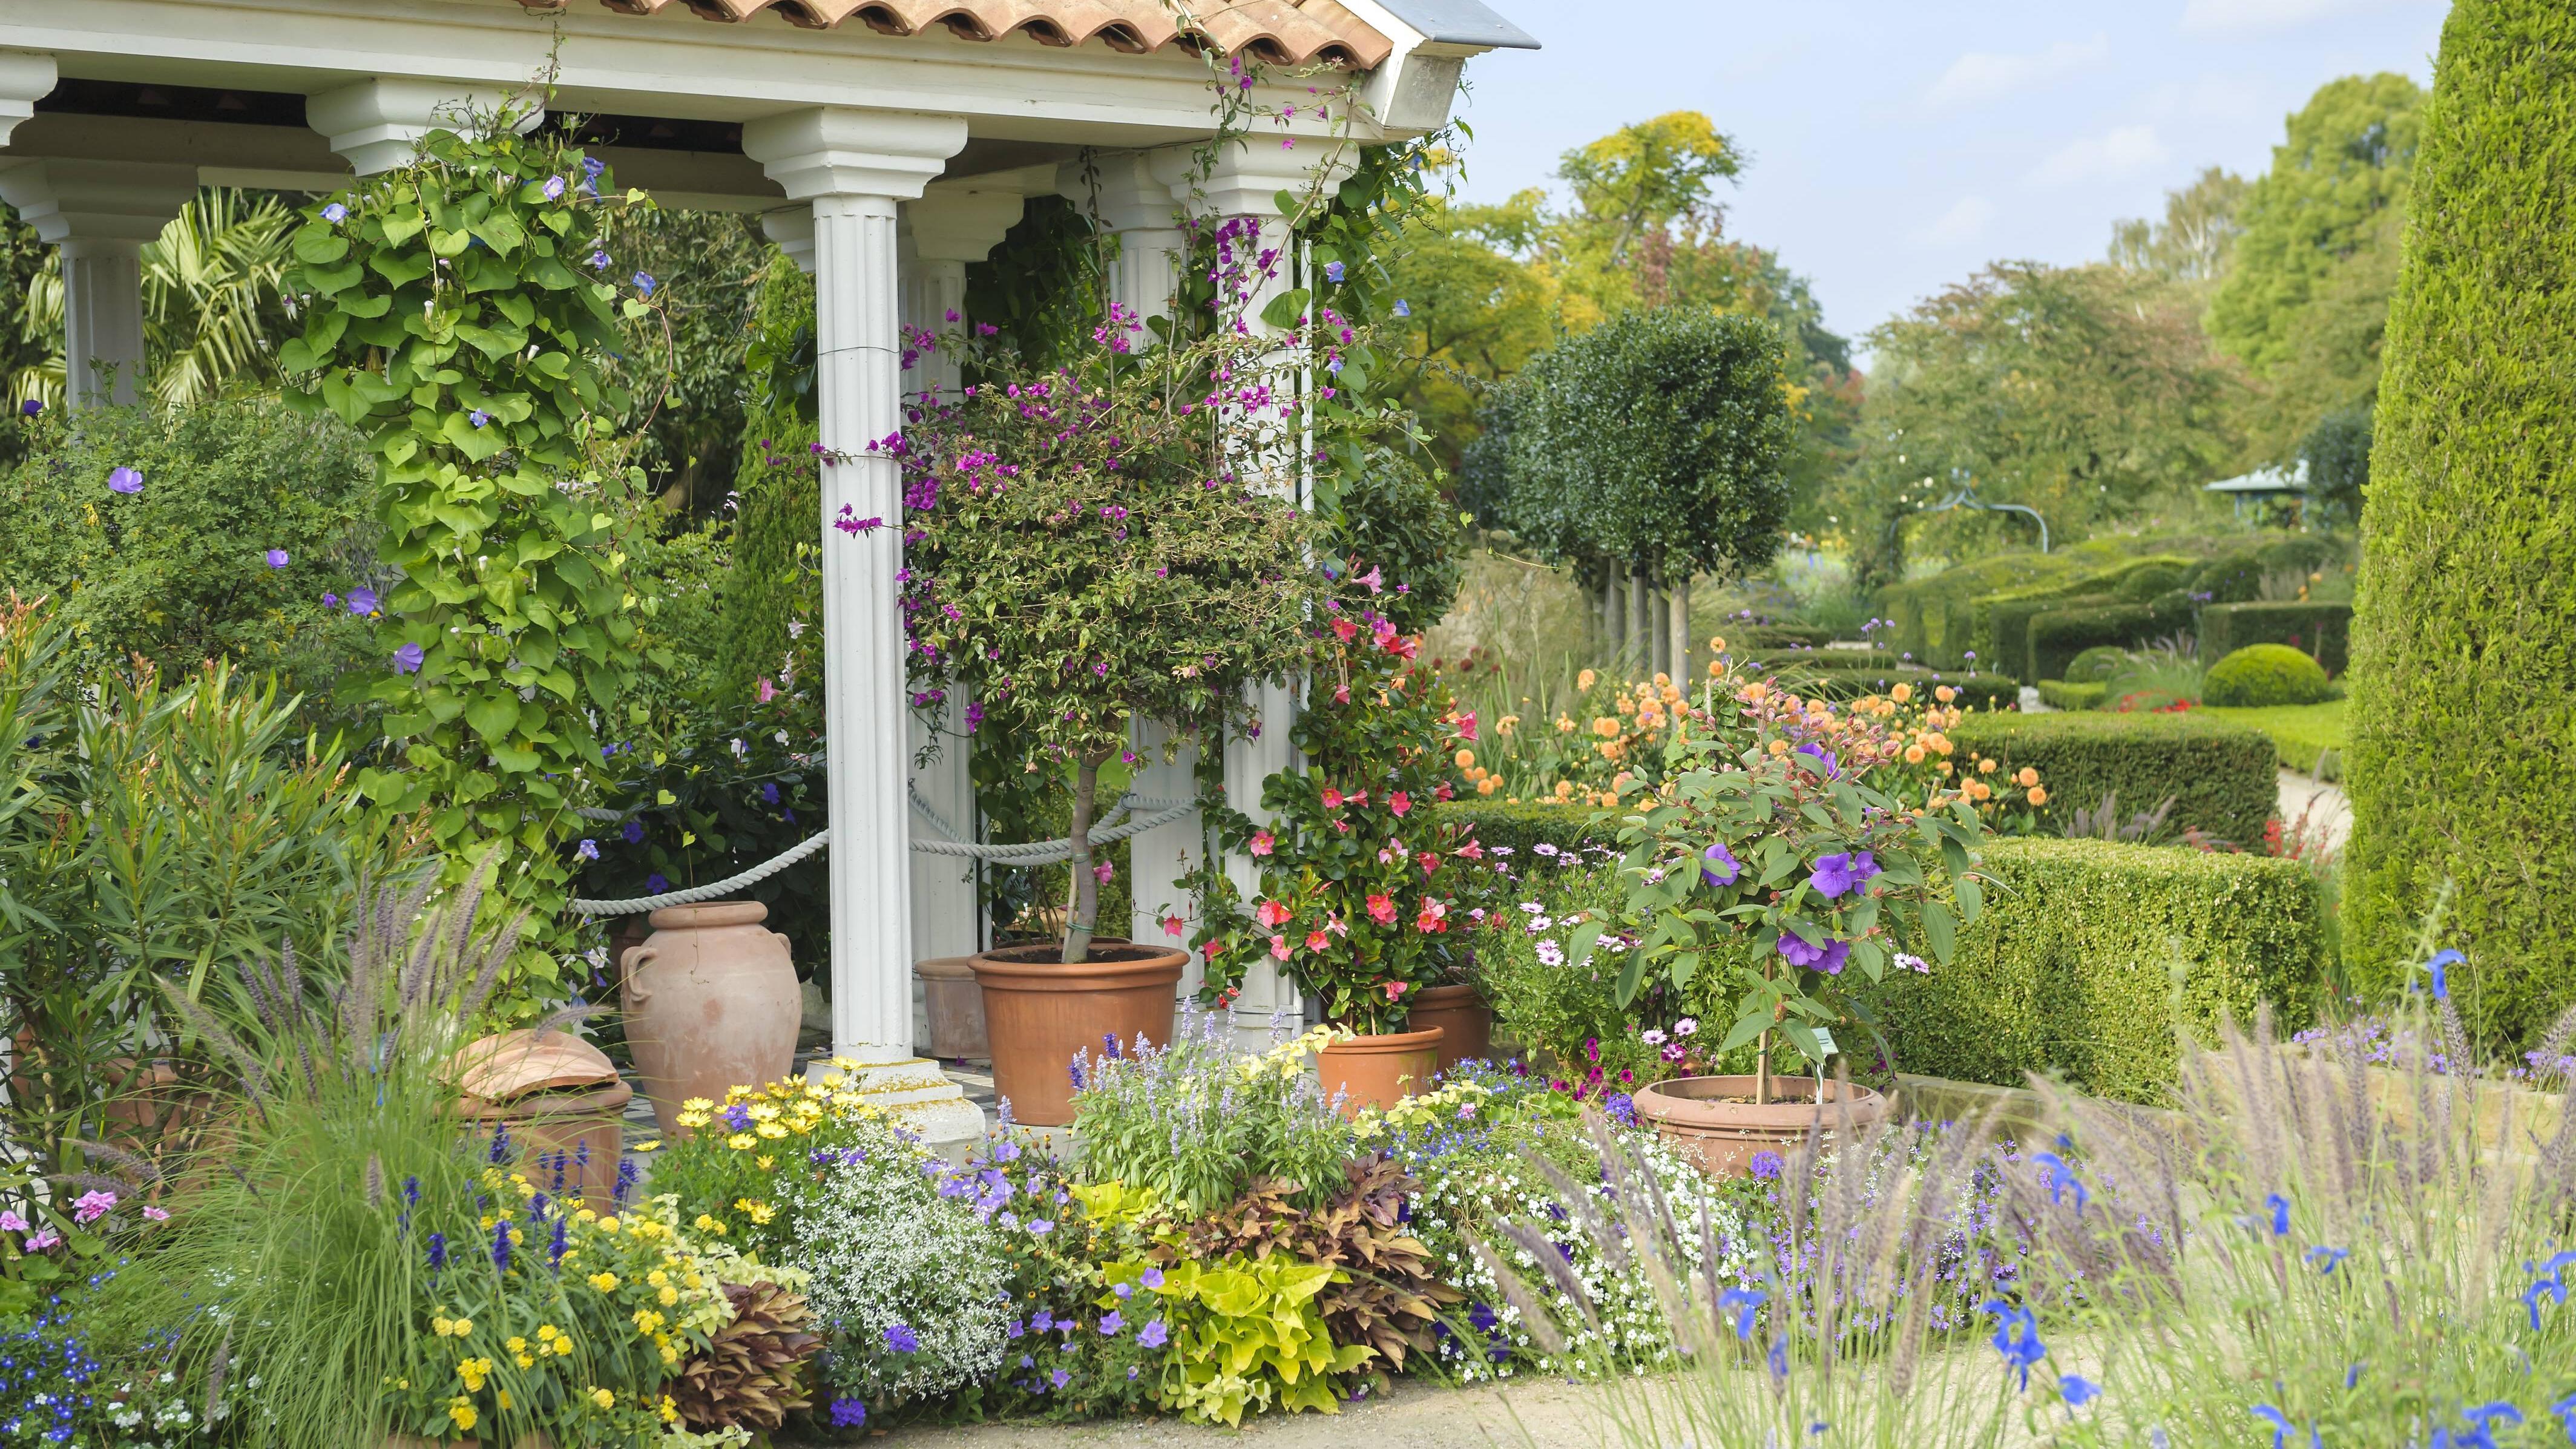 Hohe Balkonpflanzen liefern Entspannung und schützen vor neugierigen Blicken.